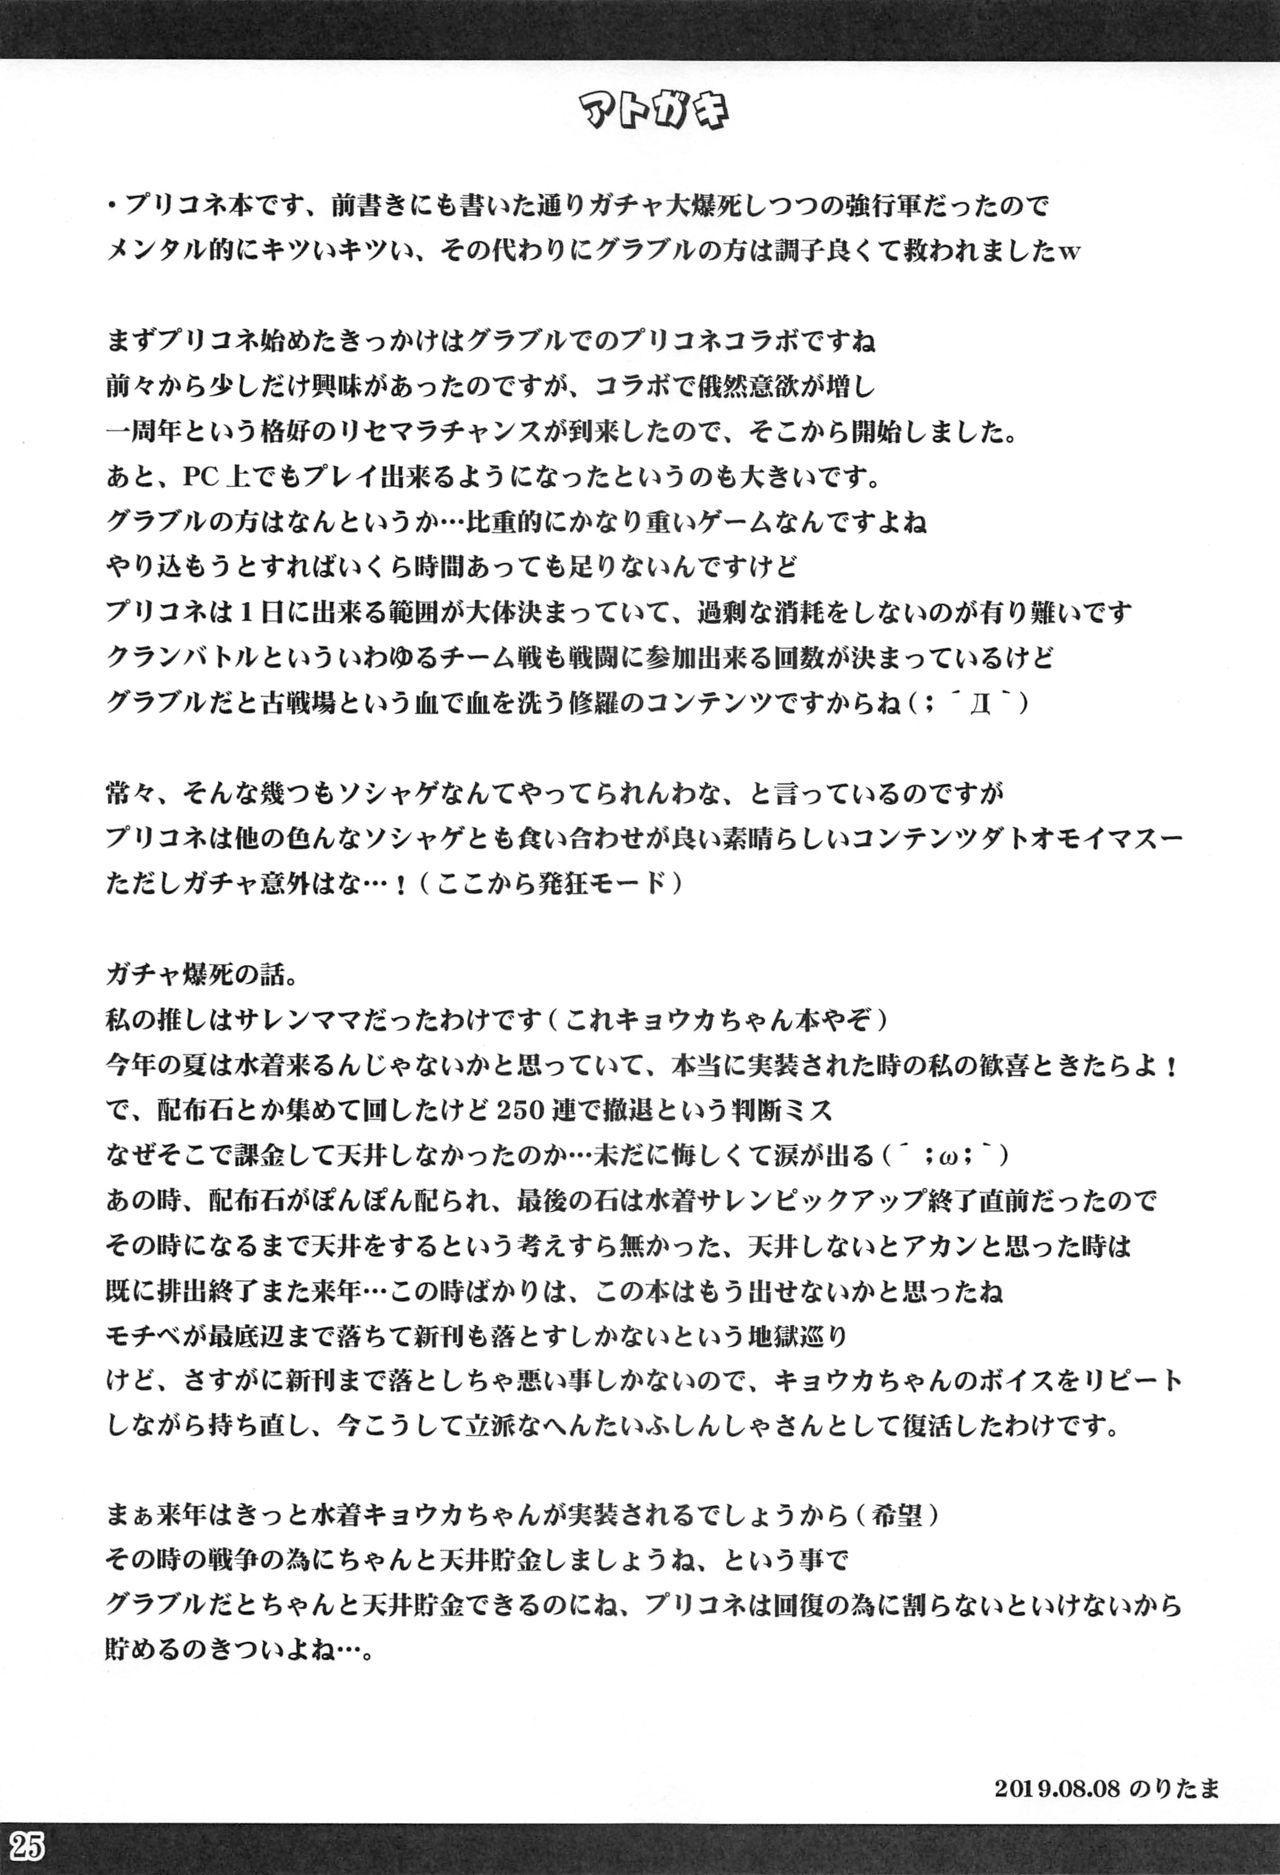 Watashi no Hentai Fushinsha-san 23